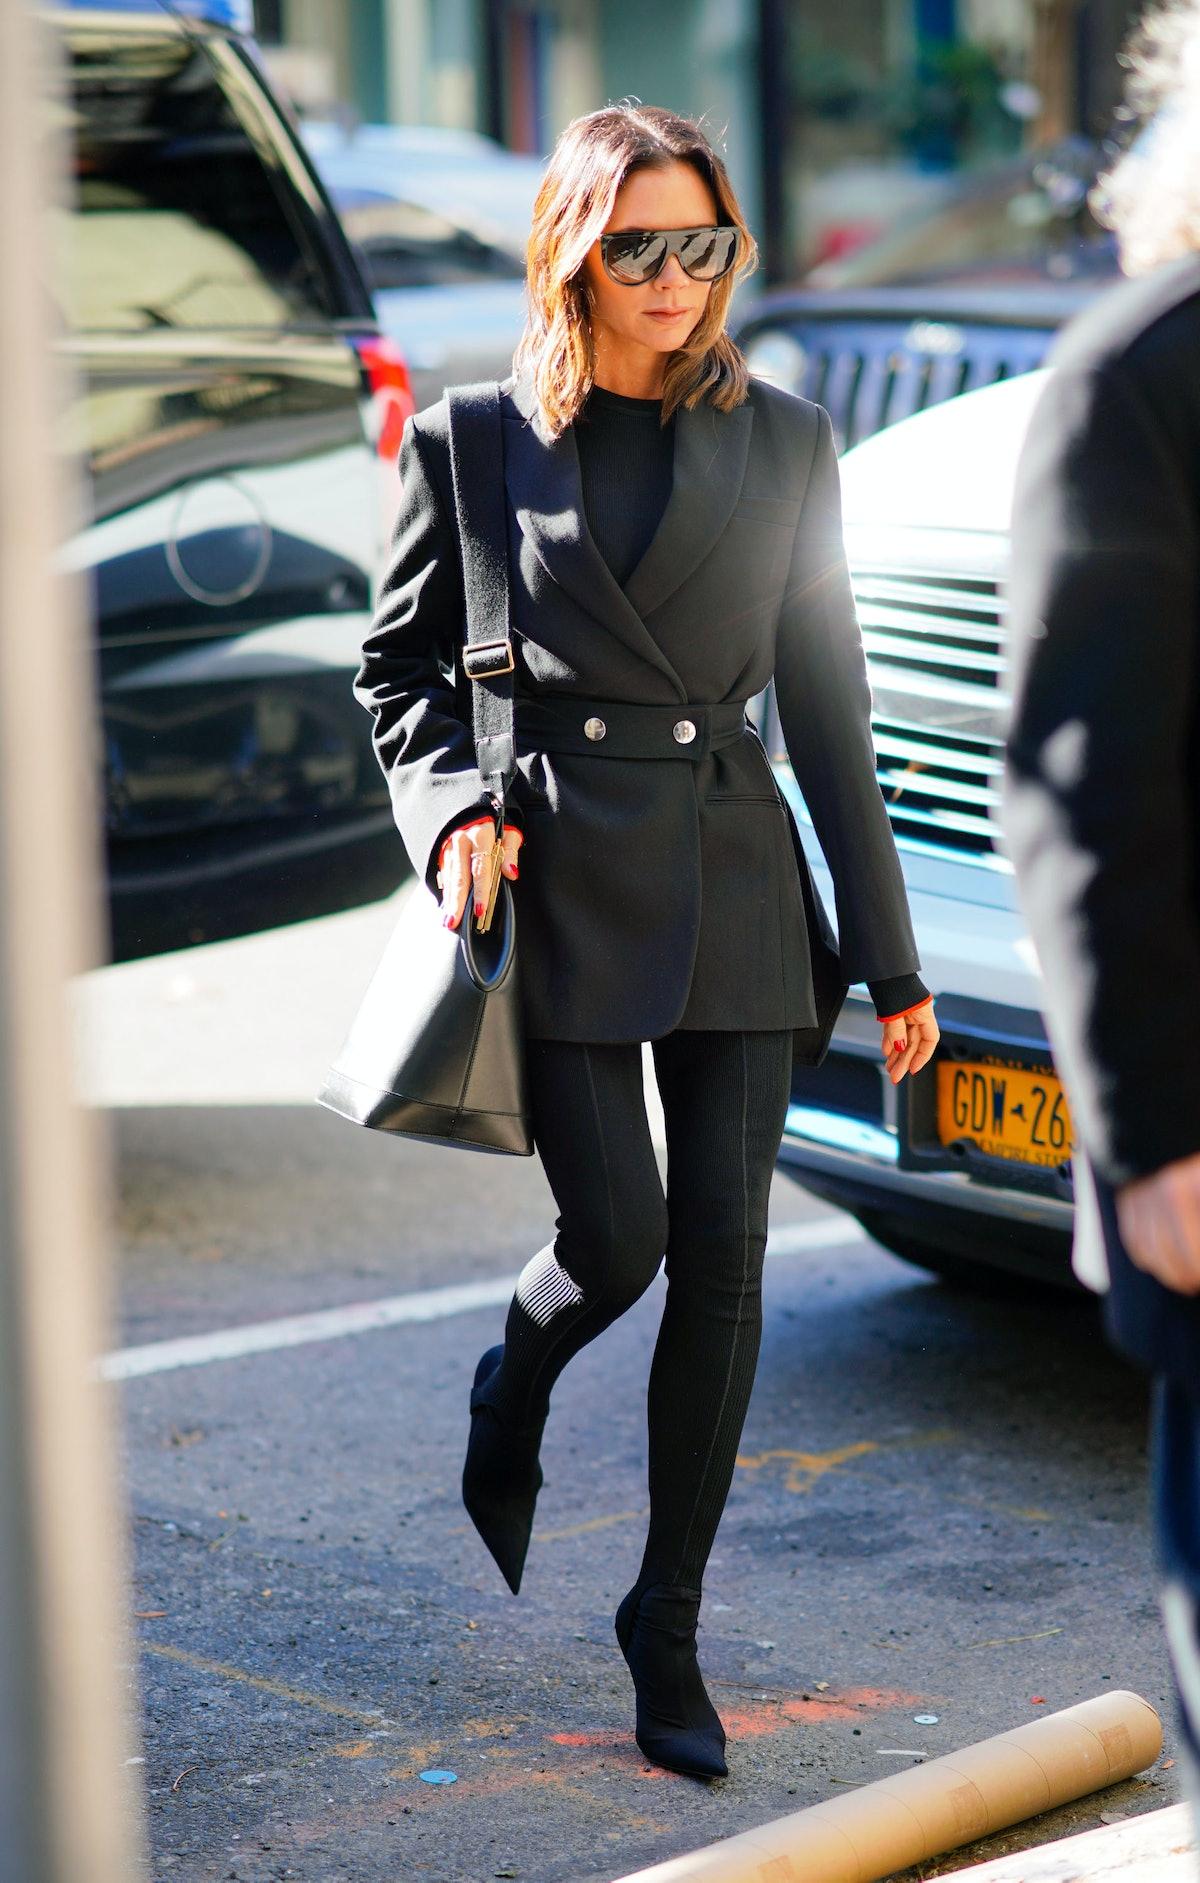 Victoria Beckham wearing a black blazer.